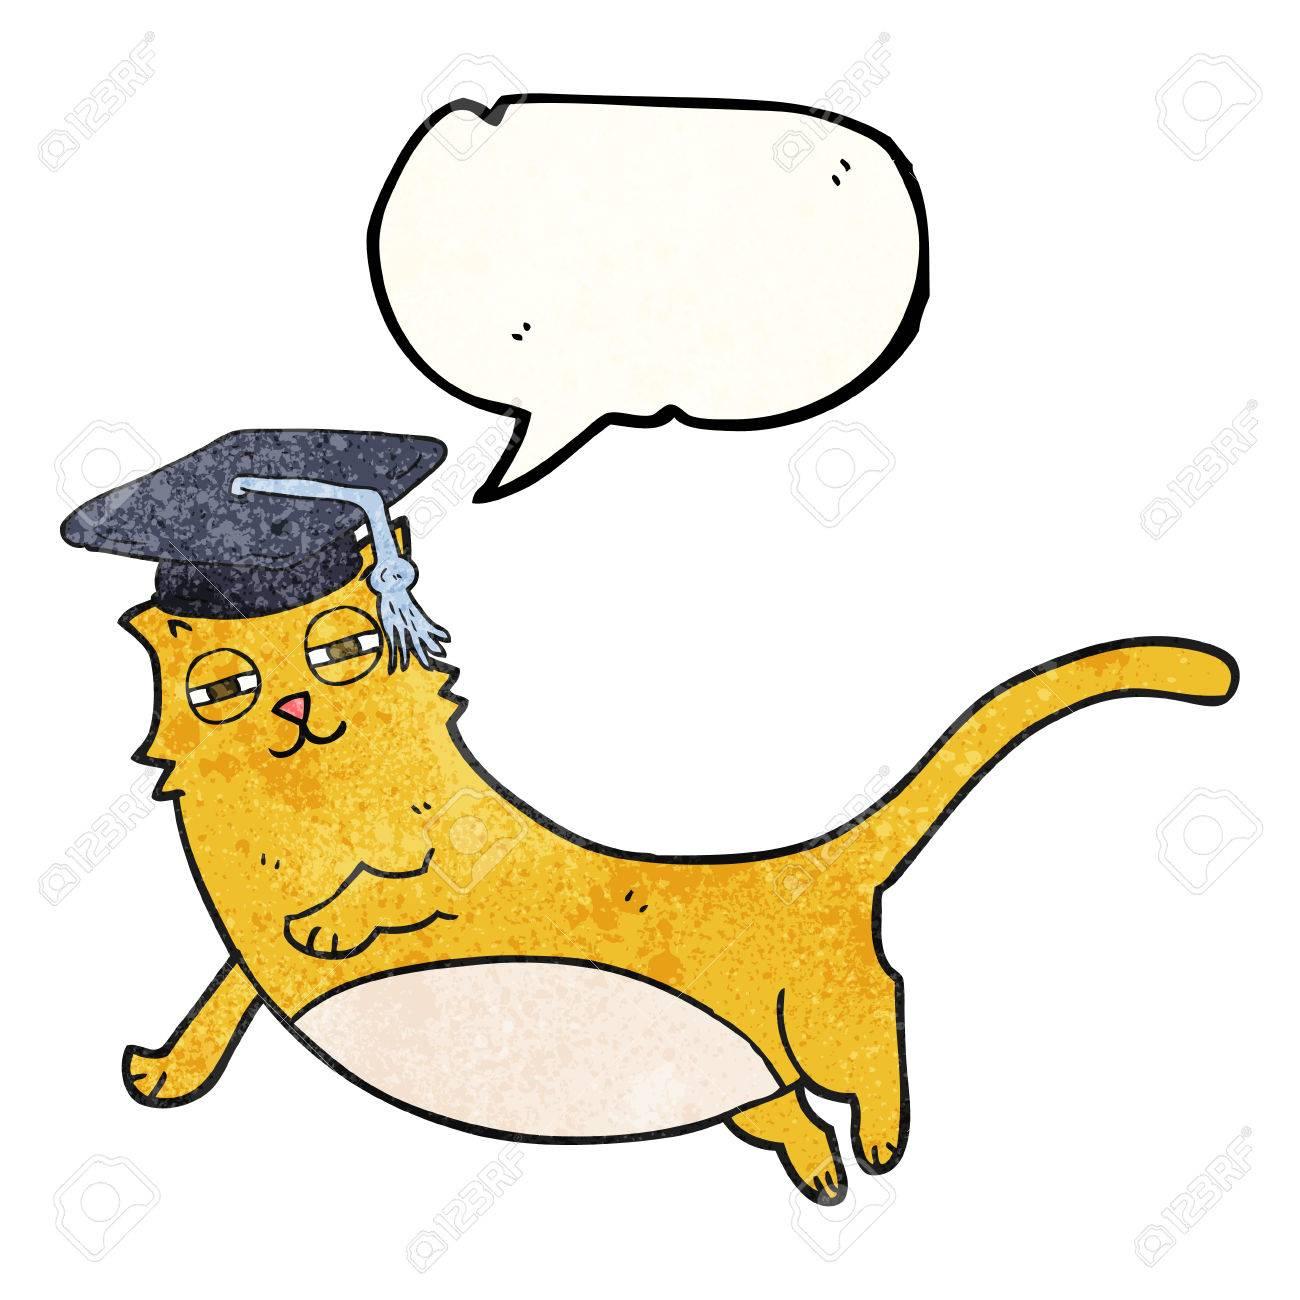 Dessin Avec La Main dessin à main levée dessin animé bulle de dessin animé chat avec un  casquette diplômé